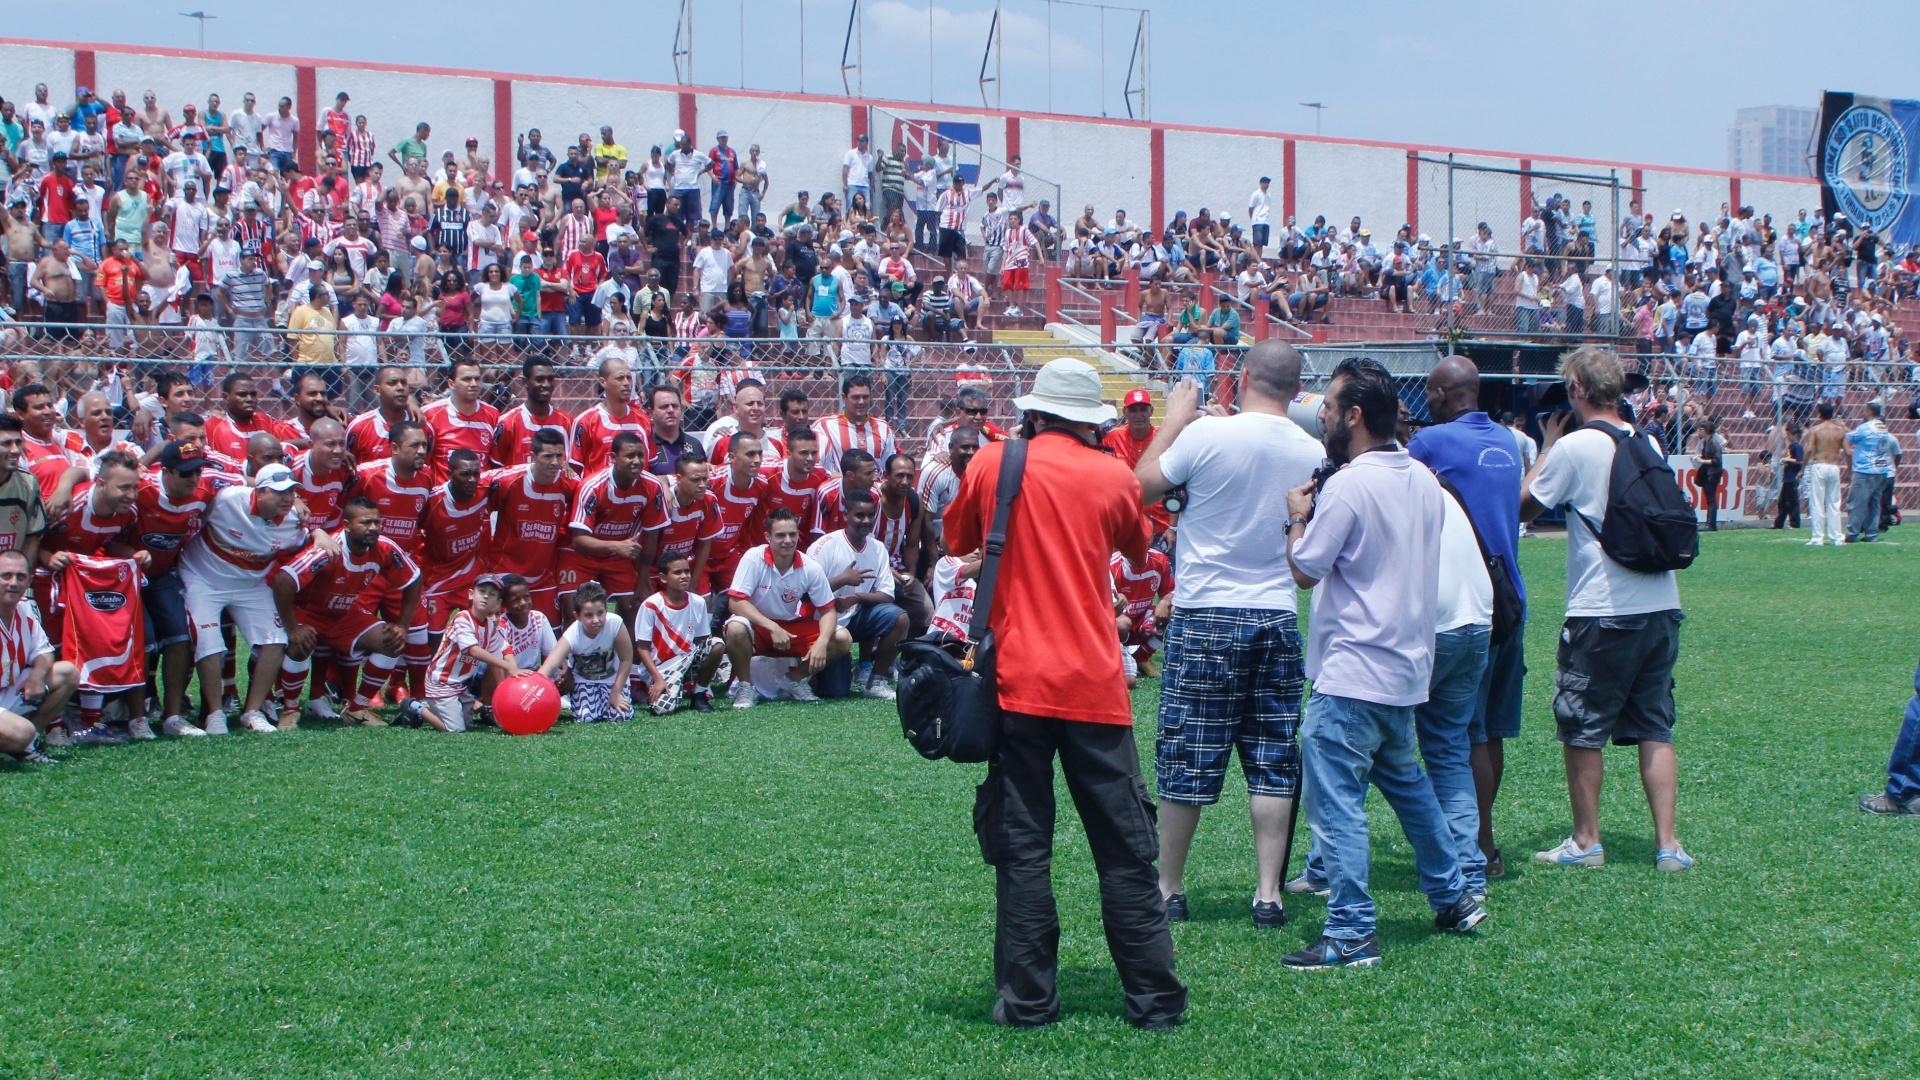 Equipe do Internacional posa para foto antes da partida contra o Real Madrino Campo do Nacional pela série B, o Inter venceu o Real Madri por 2 a 1 e está na final da competição